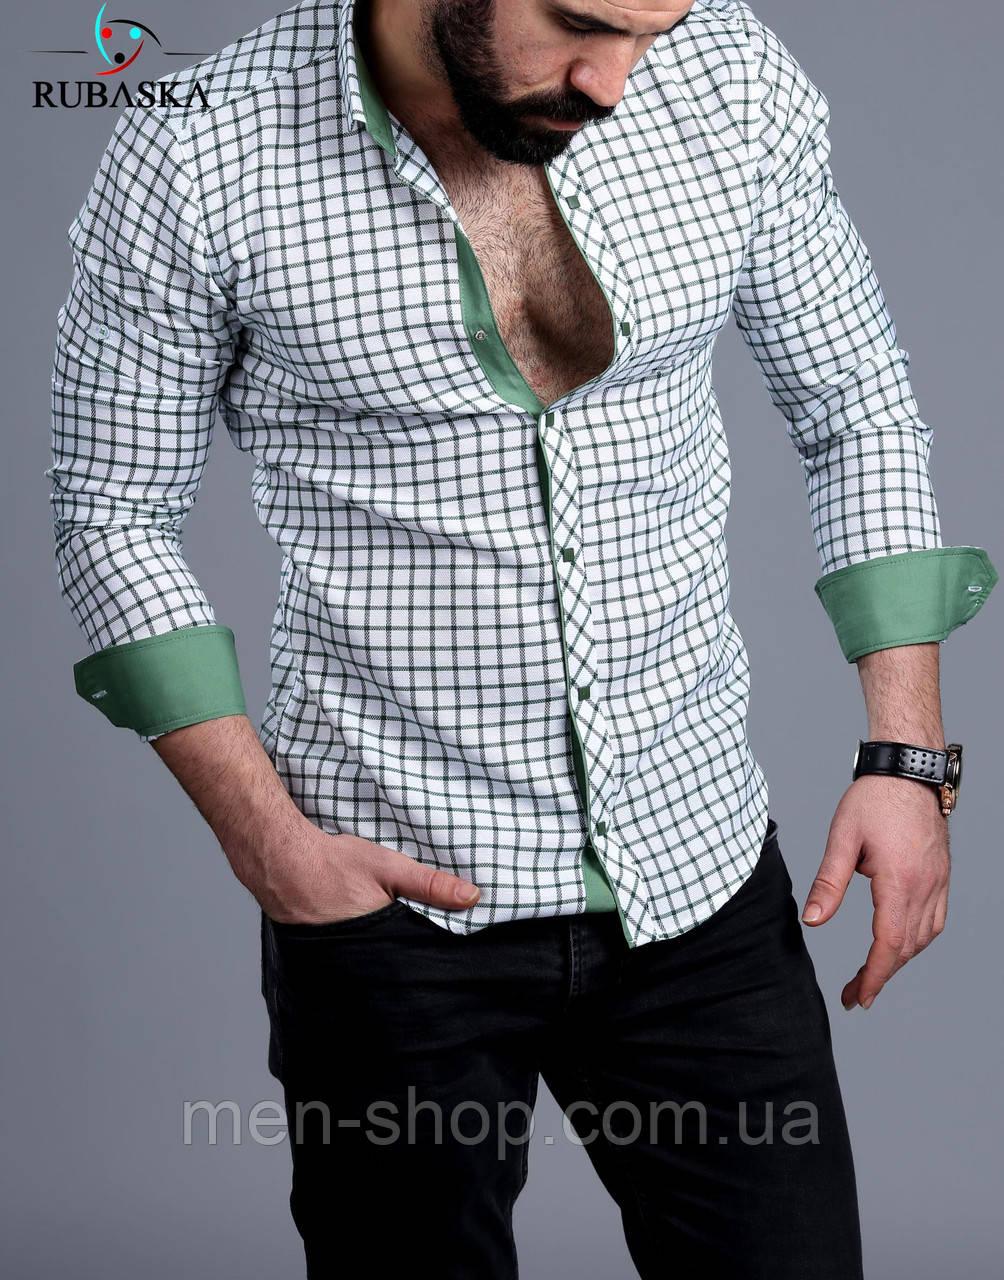 Молодежная мужская рубашка в клетку